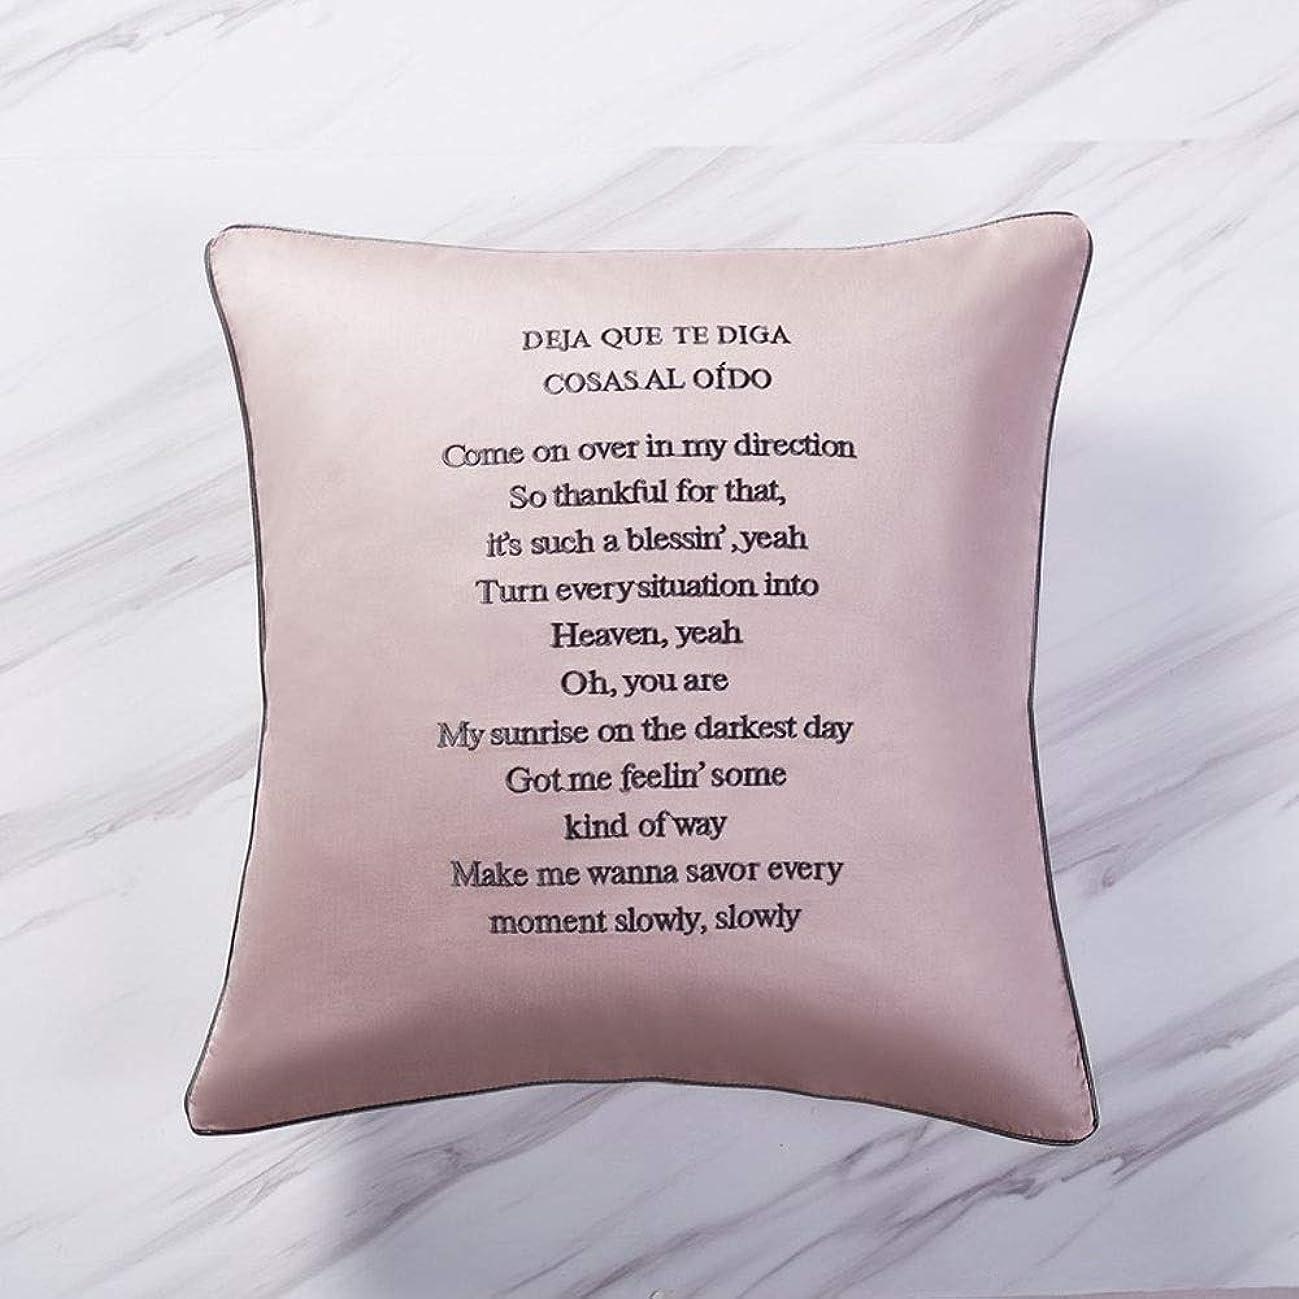 高める傾向がありますイチゴ枕 ロングステープルコットン刺繍入りレターピローコットンソファーベッドbyウエストクッションピローケース付きコア (色 : Cream powder, Size : 45*45cm)